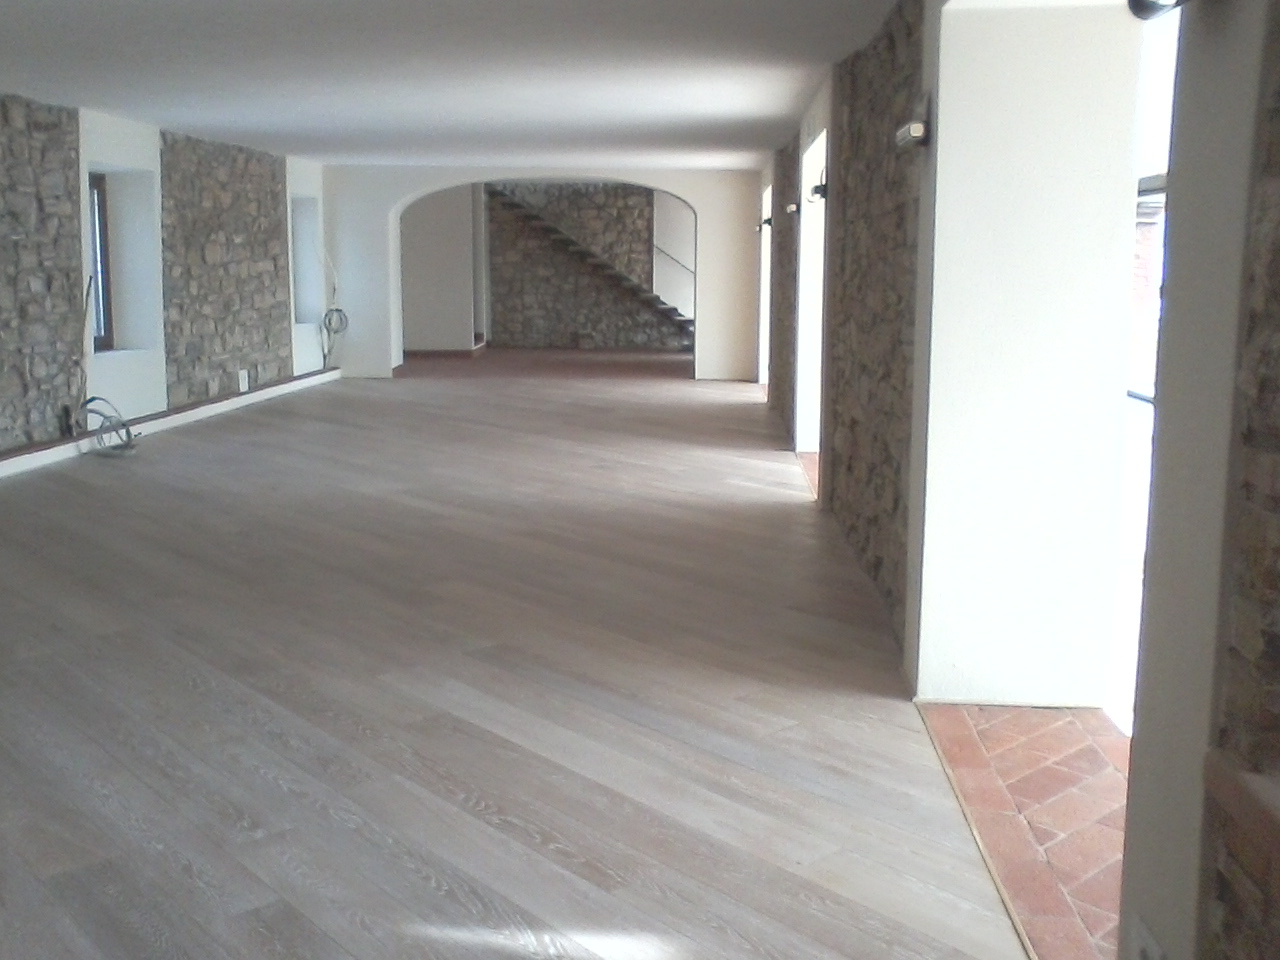 Posa pavimento diagonale o dritto - Posa piastrelle pavimento ...